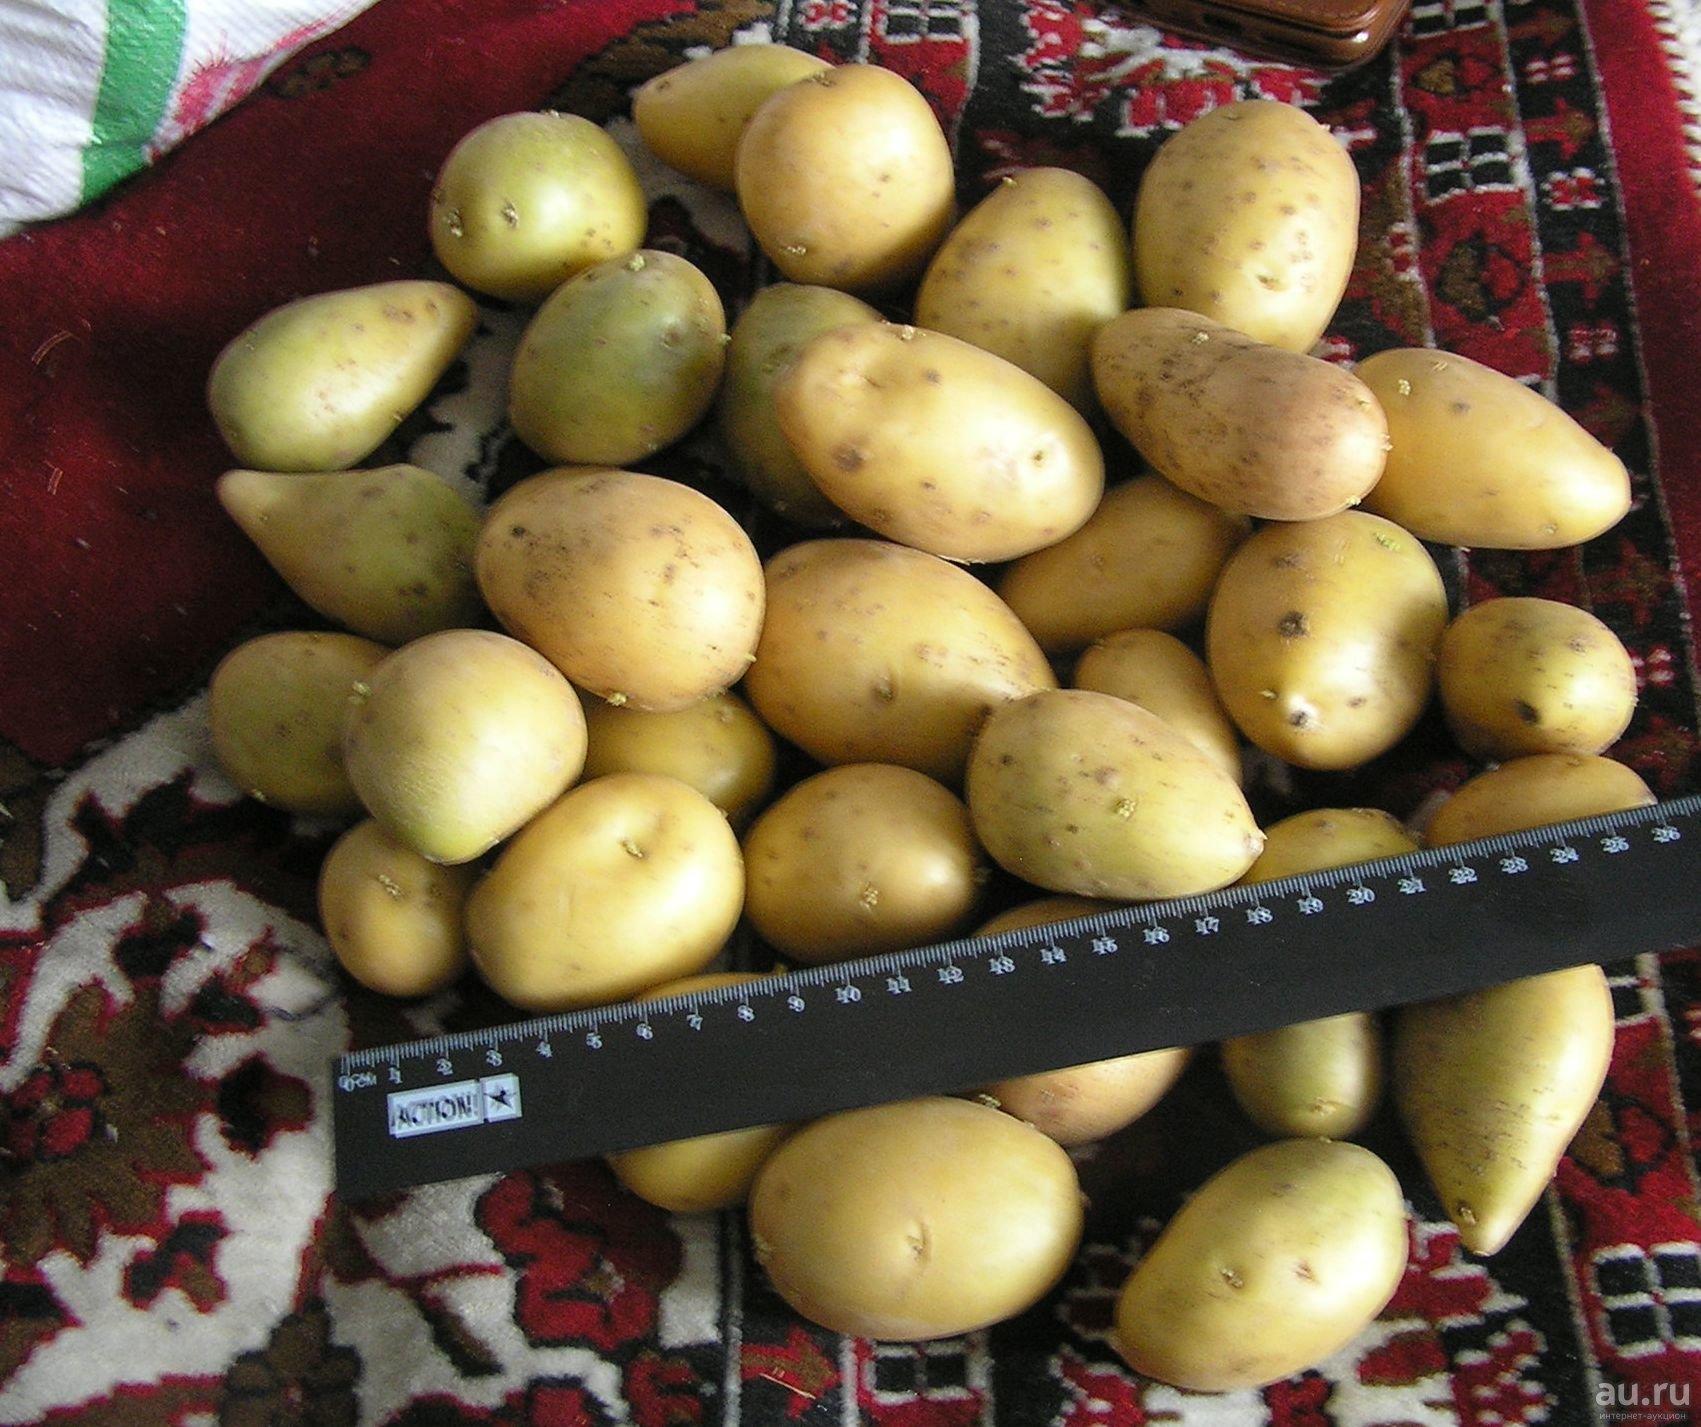 Сорт картофеля королева анна: характеристика и описание картошки, пошаговая инструкция по выращиванию и схема посадки, а также фото клубней